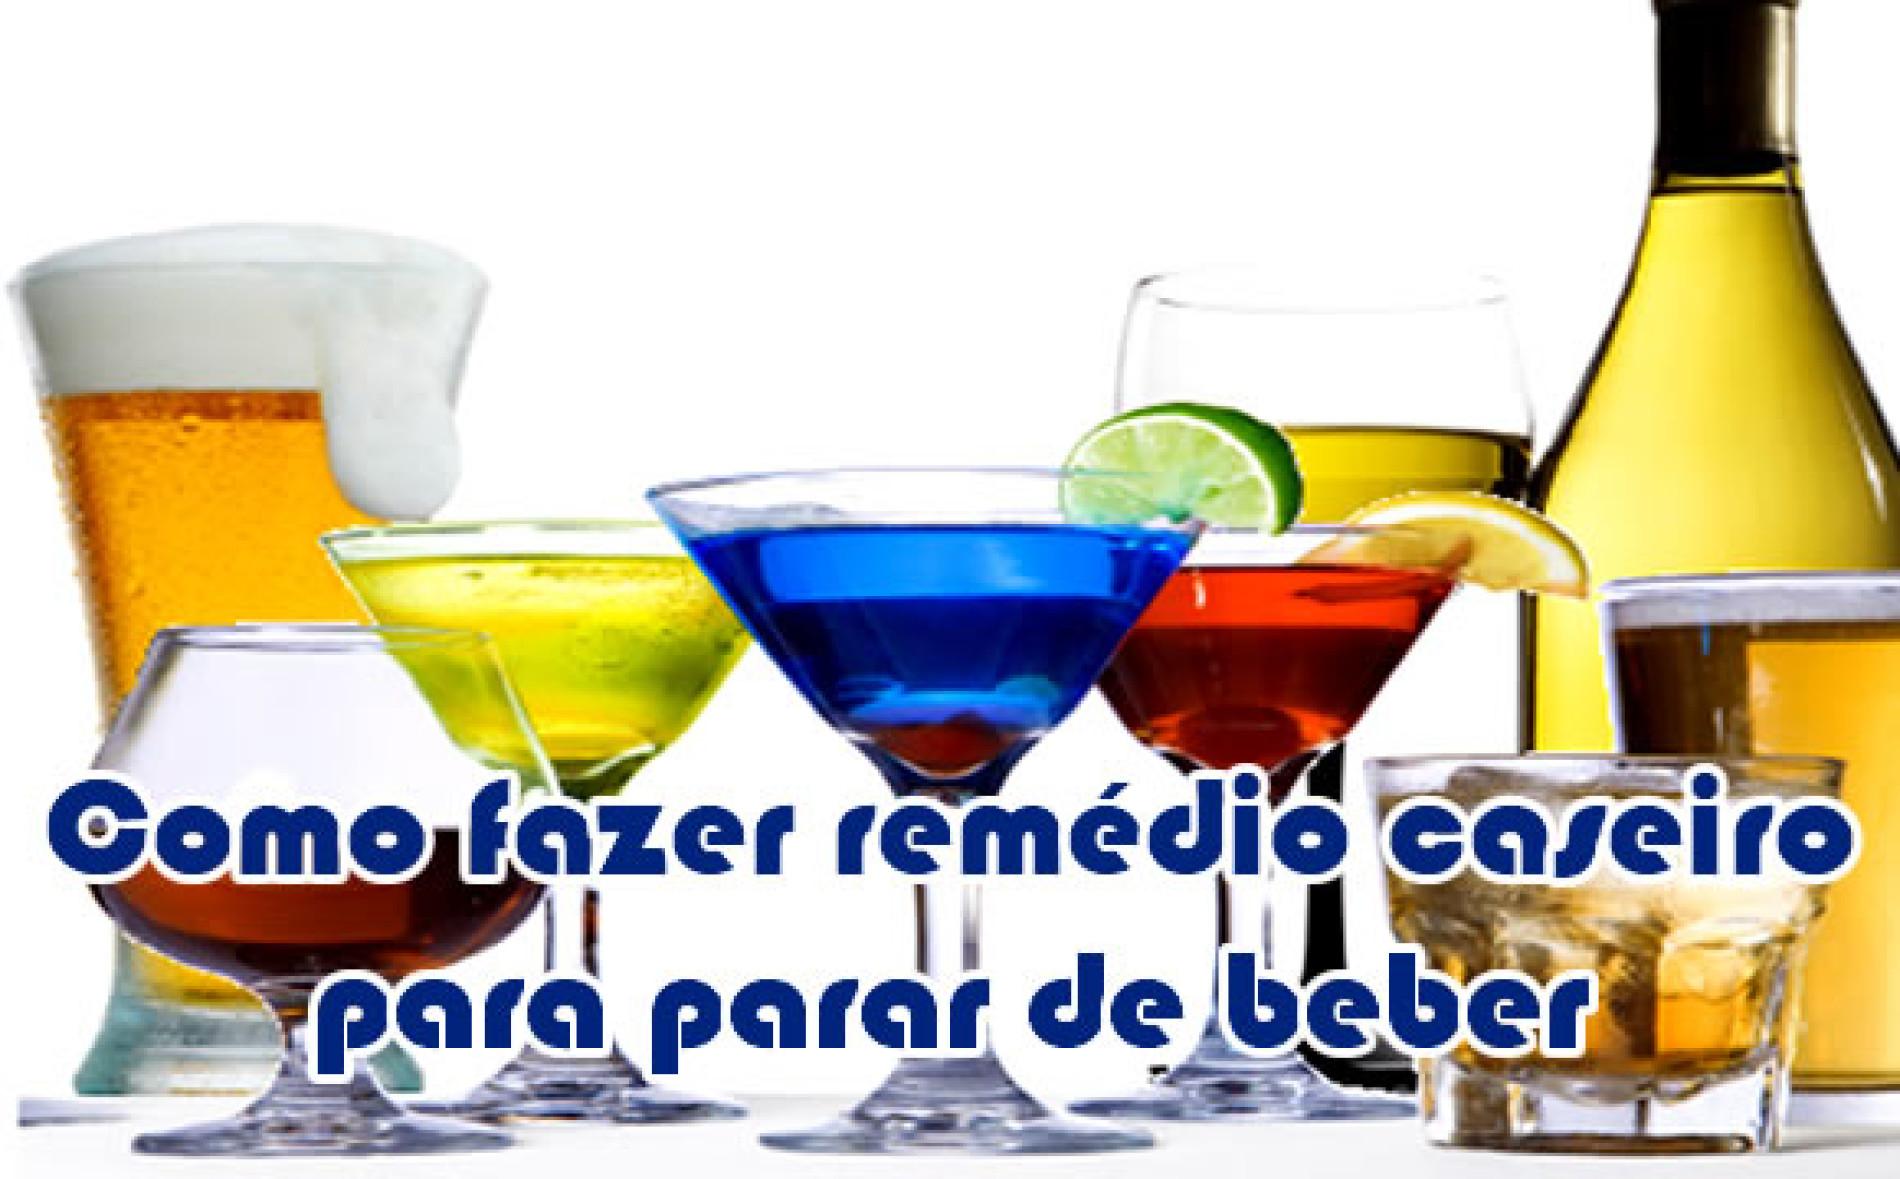 Como fazer remedio caseiro para parar de beber